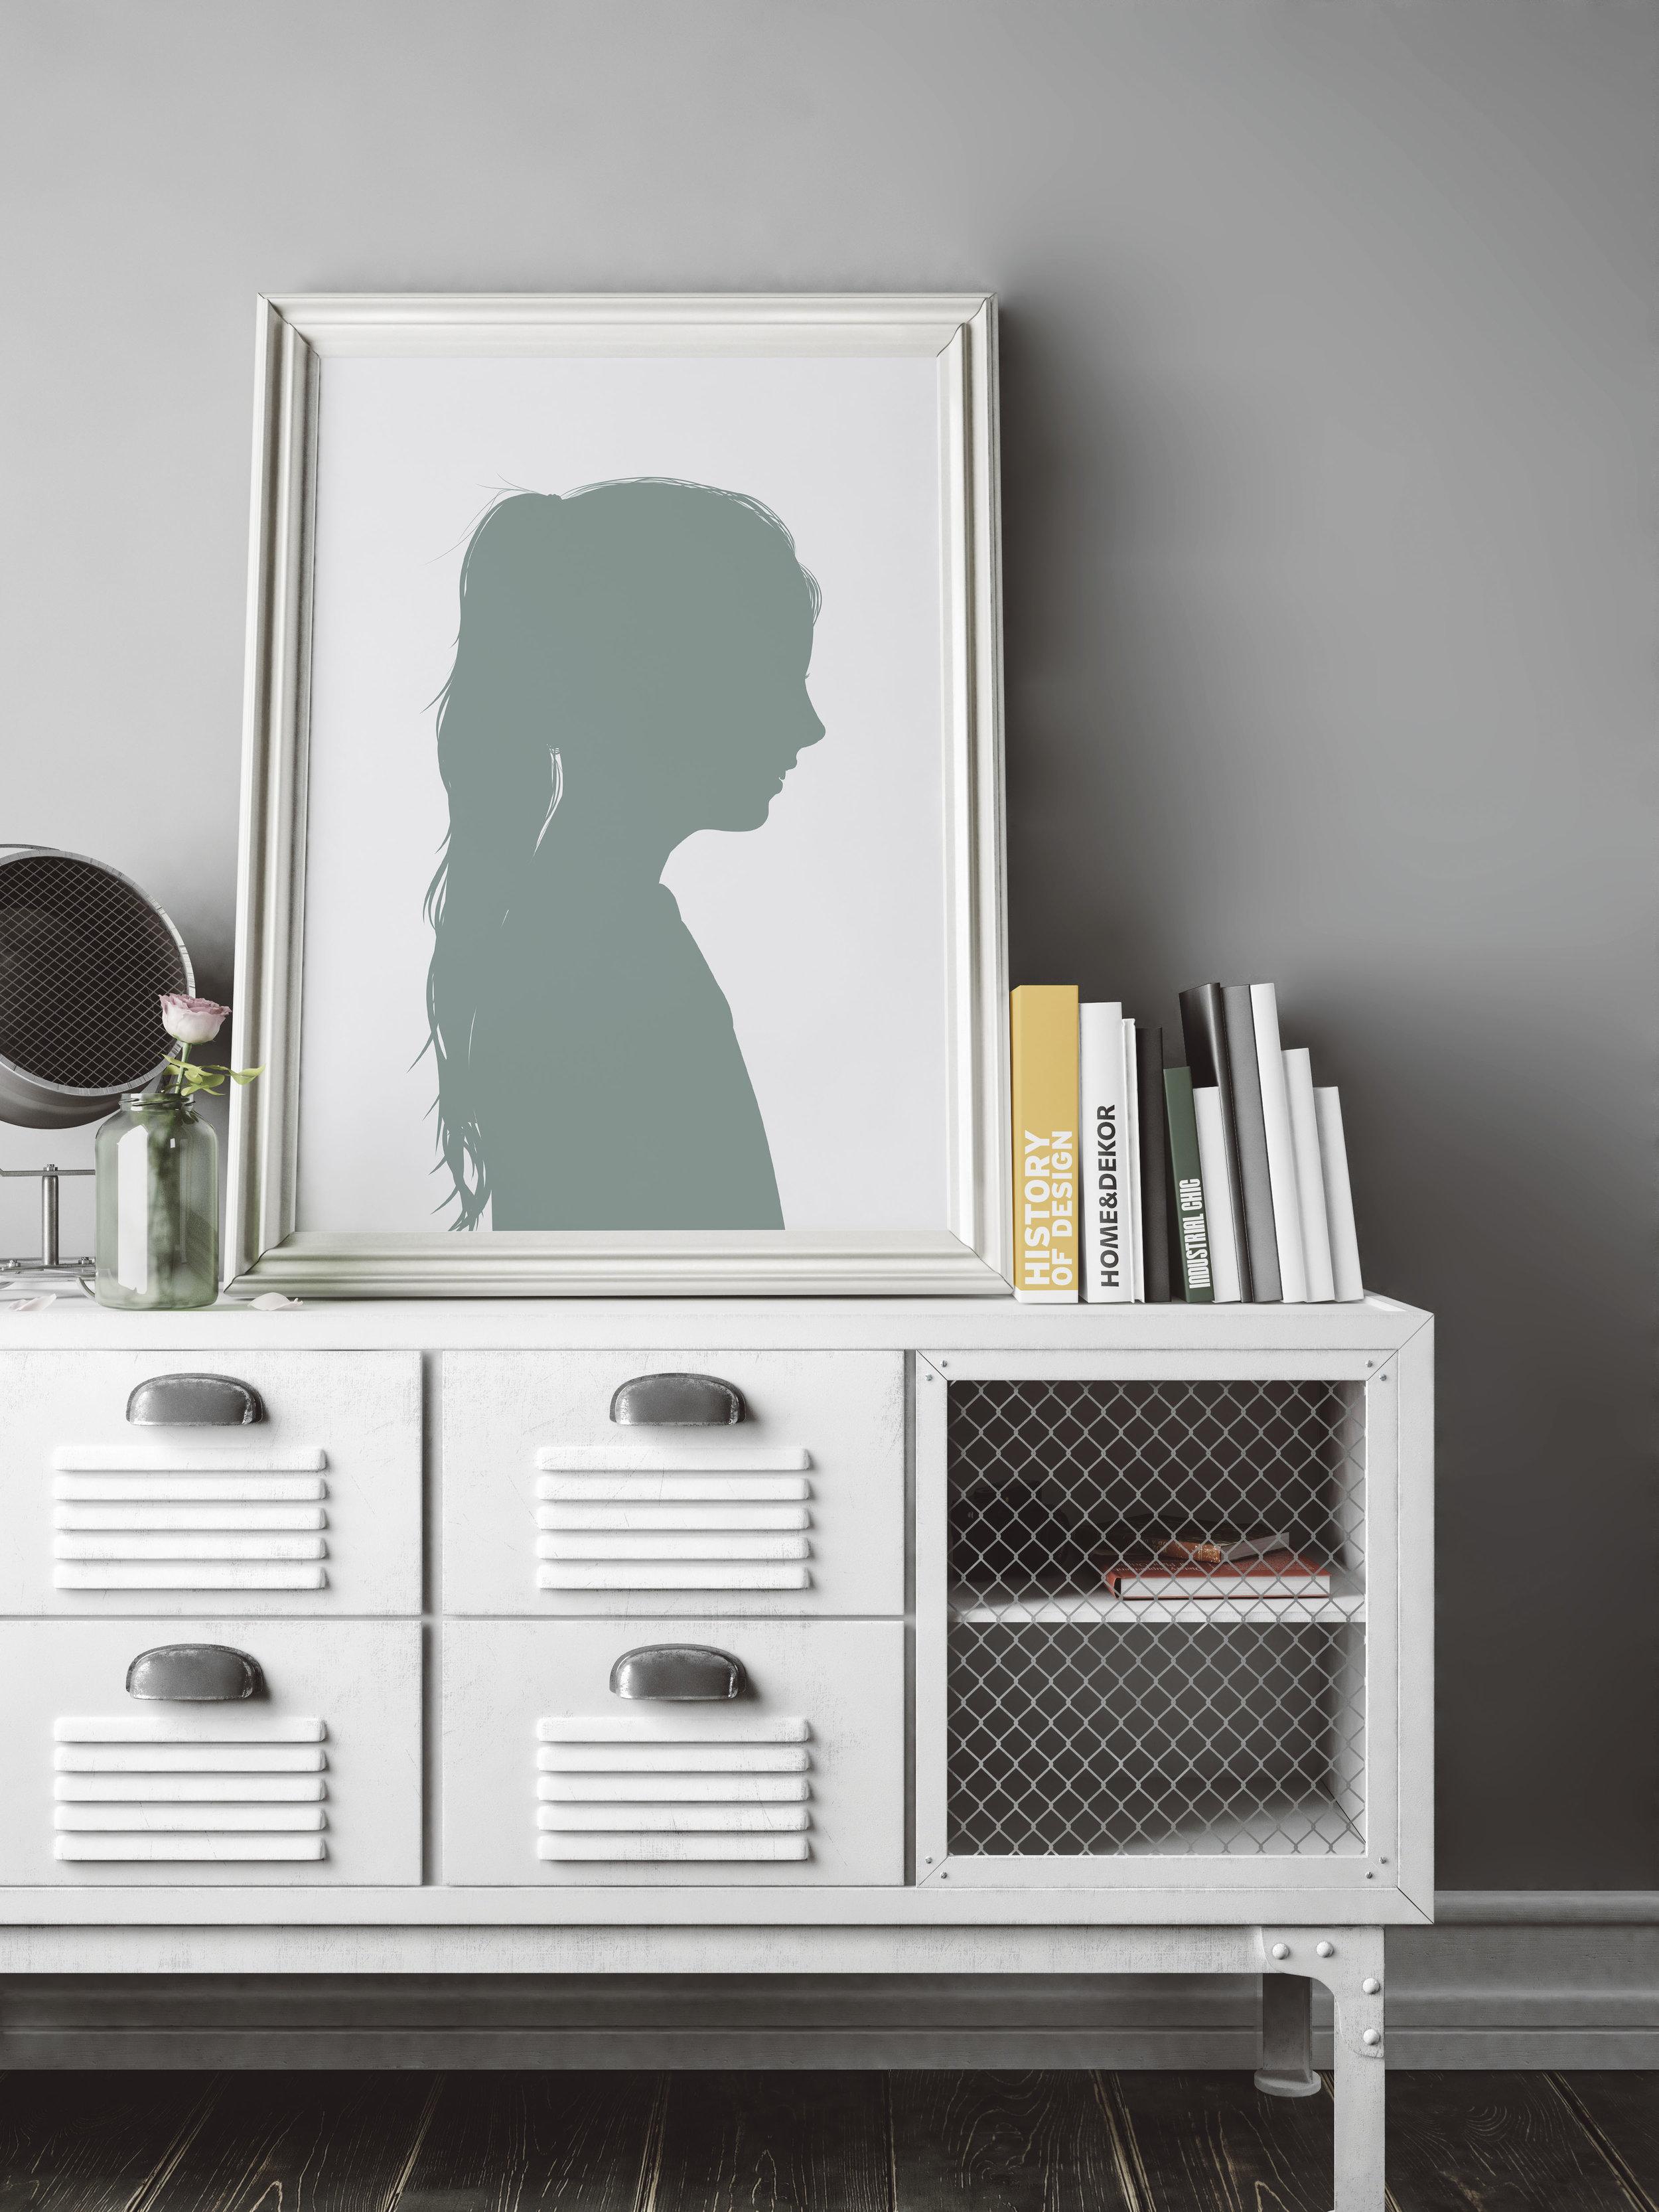 Colour - EE01  Size - 50 x 70cm